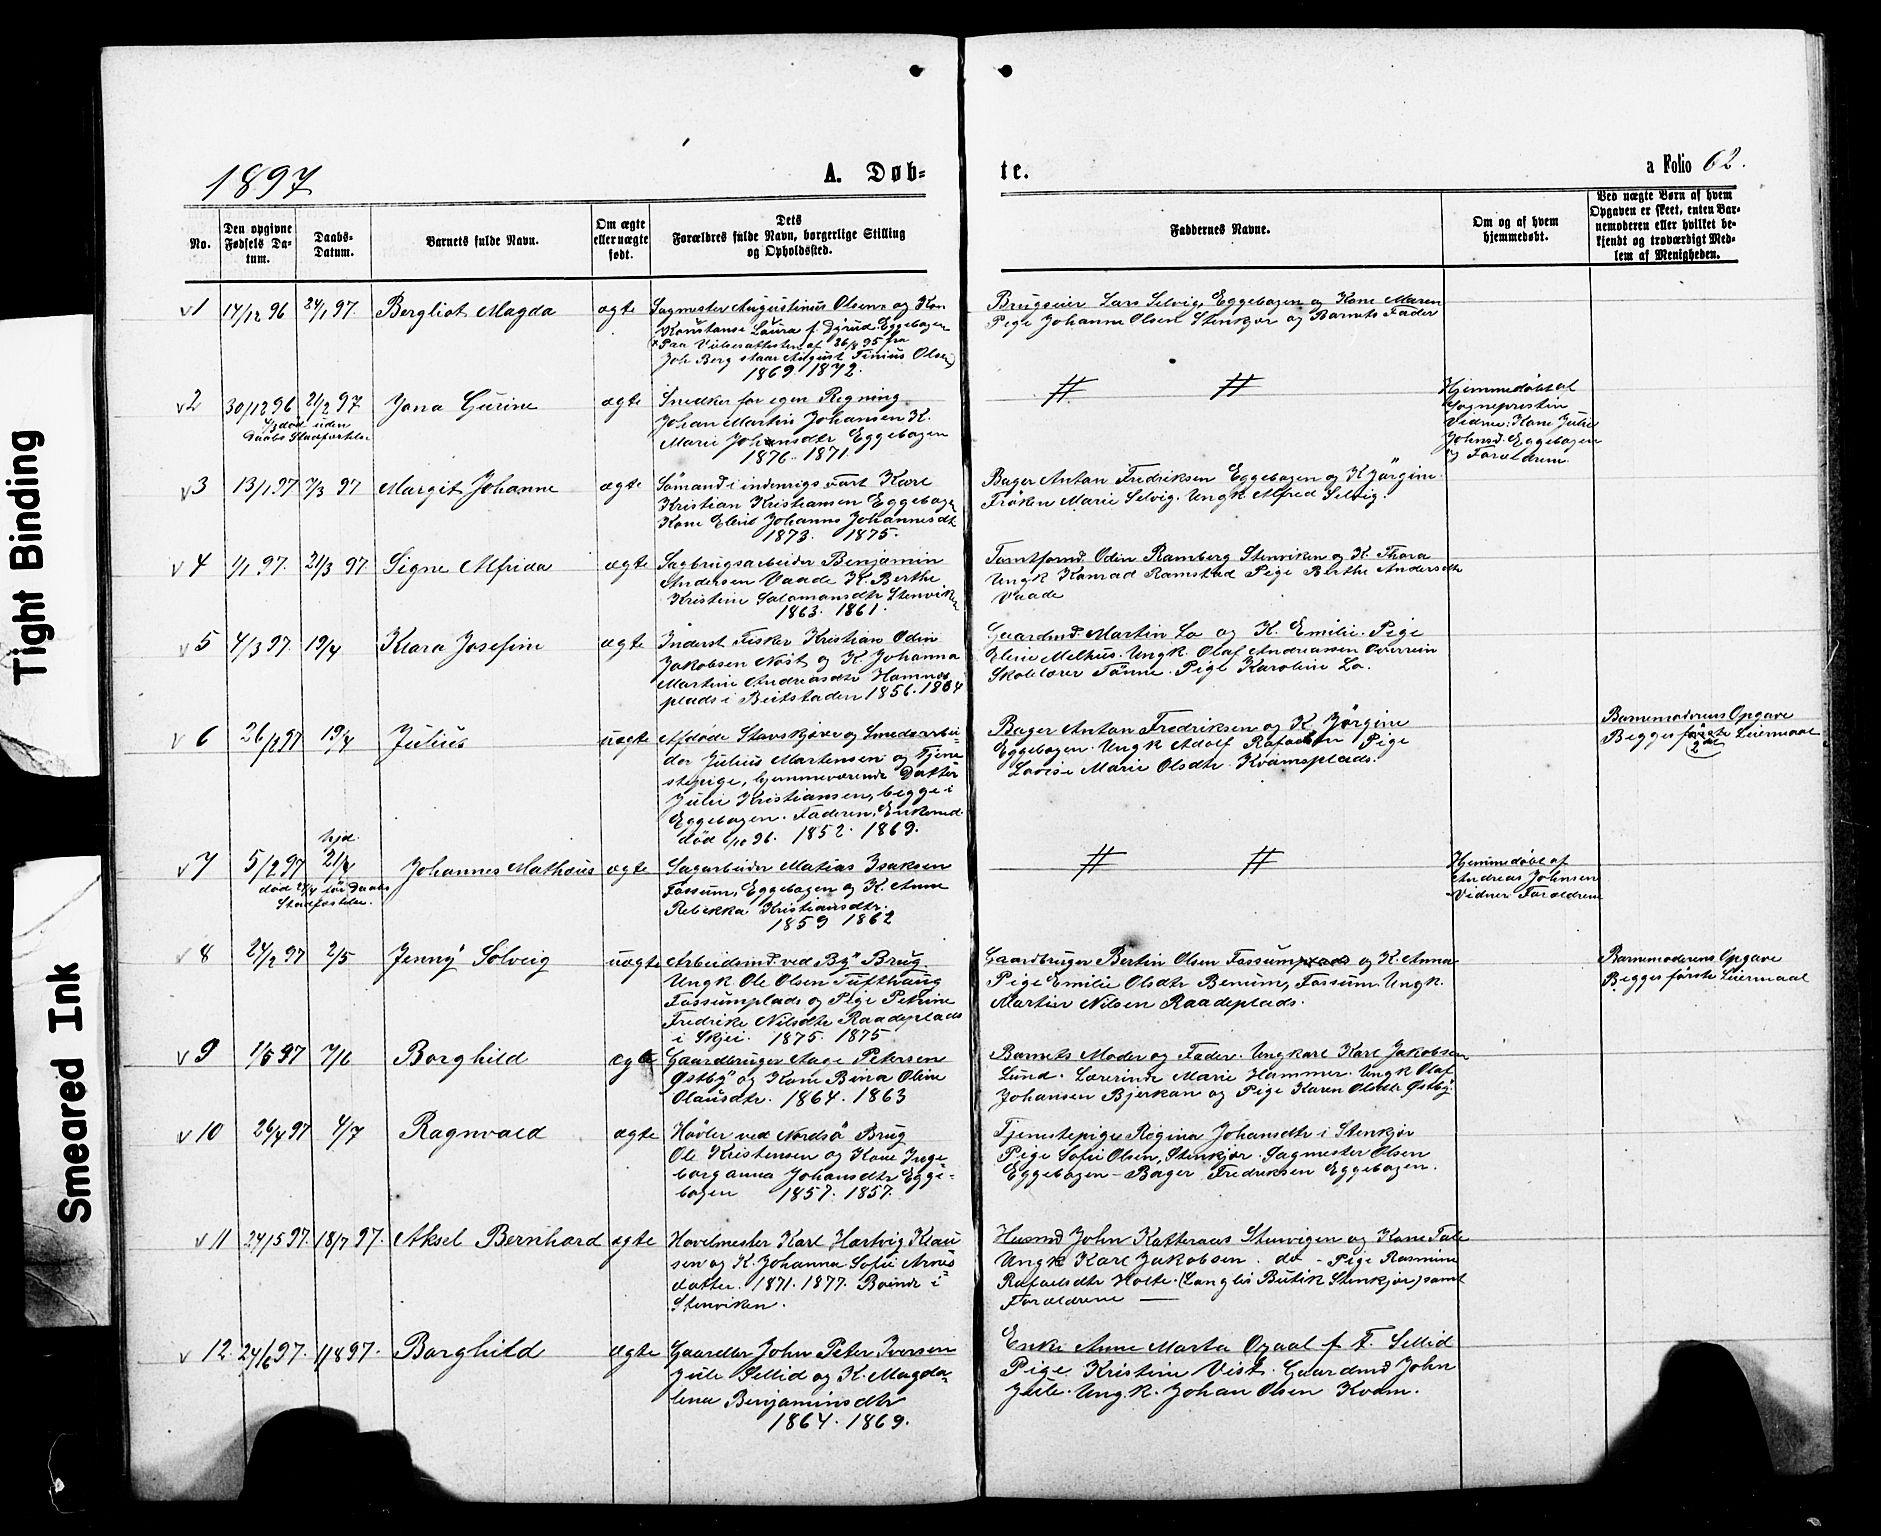 SAT, Ministerialprotokoller, klokkerbøker og fødselsregistre - Nord-Trøndelag, 740/L0380: Klokkerbok nr. 740C01, 1868-1902, s. 62